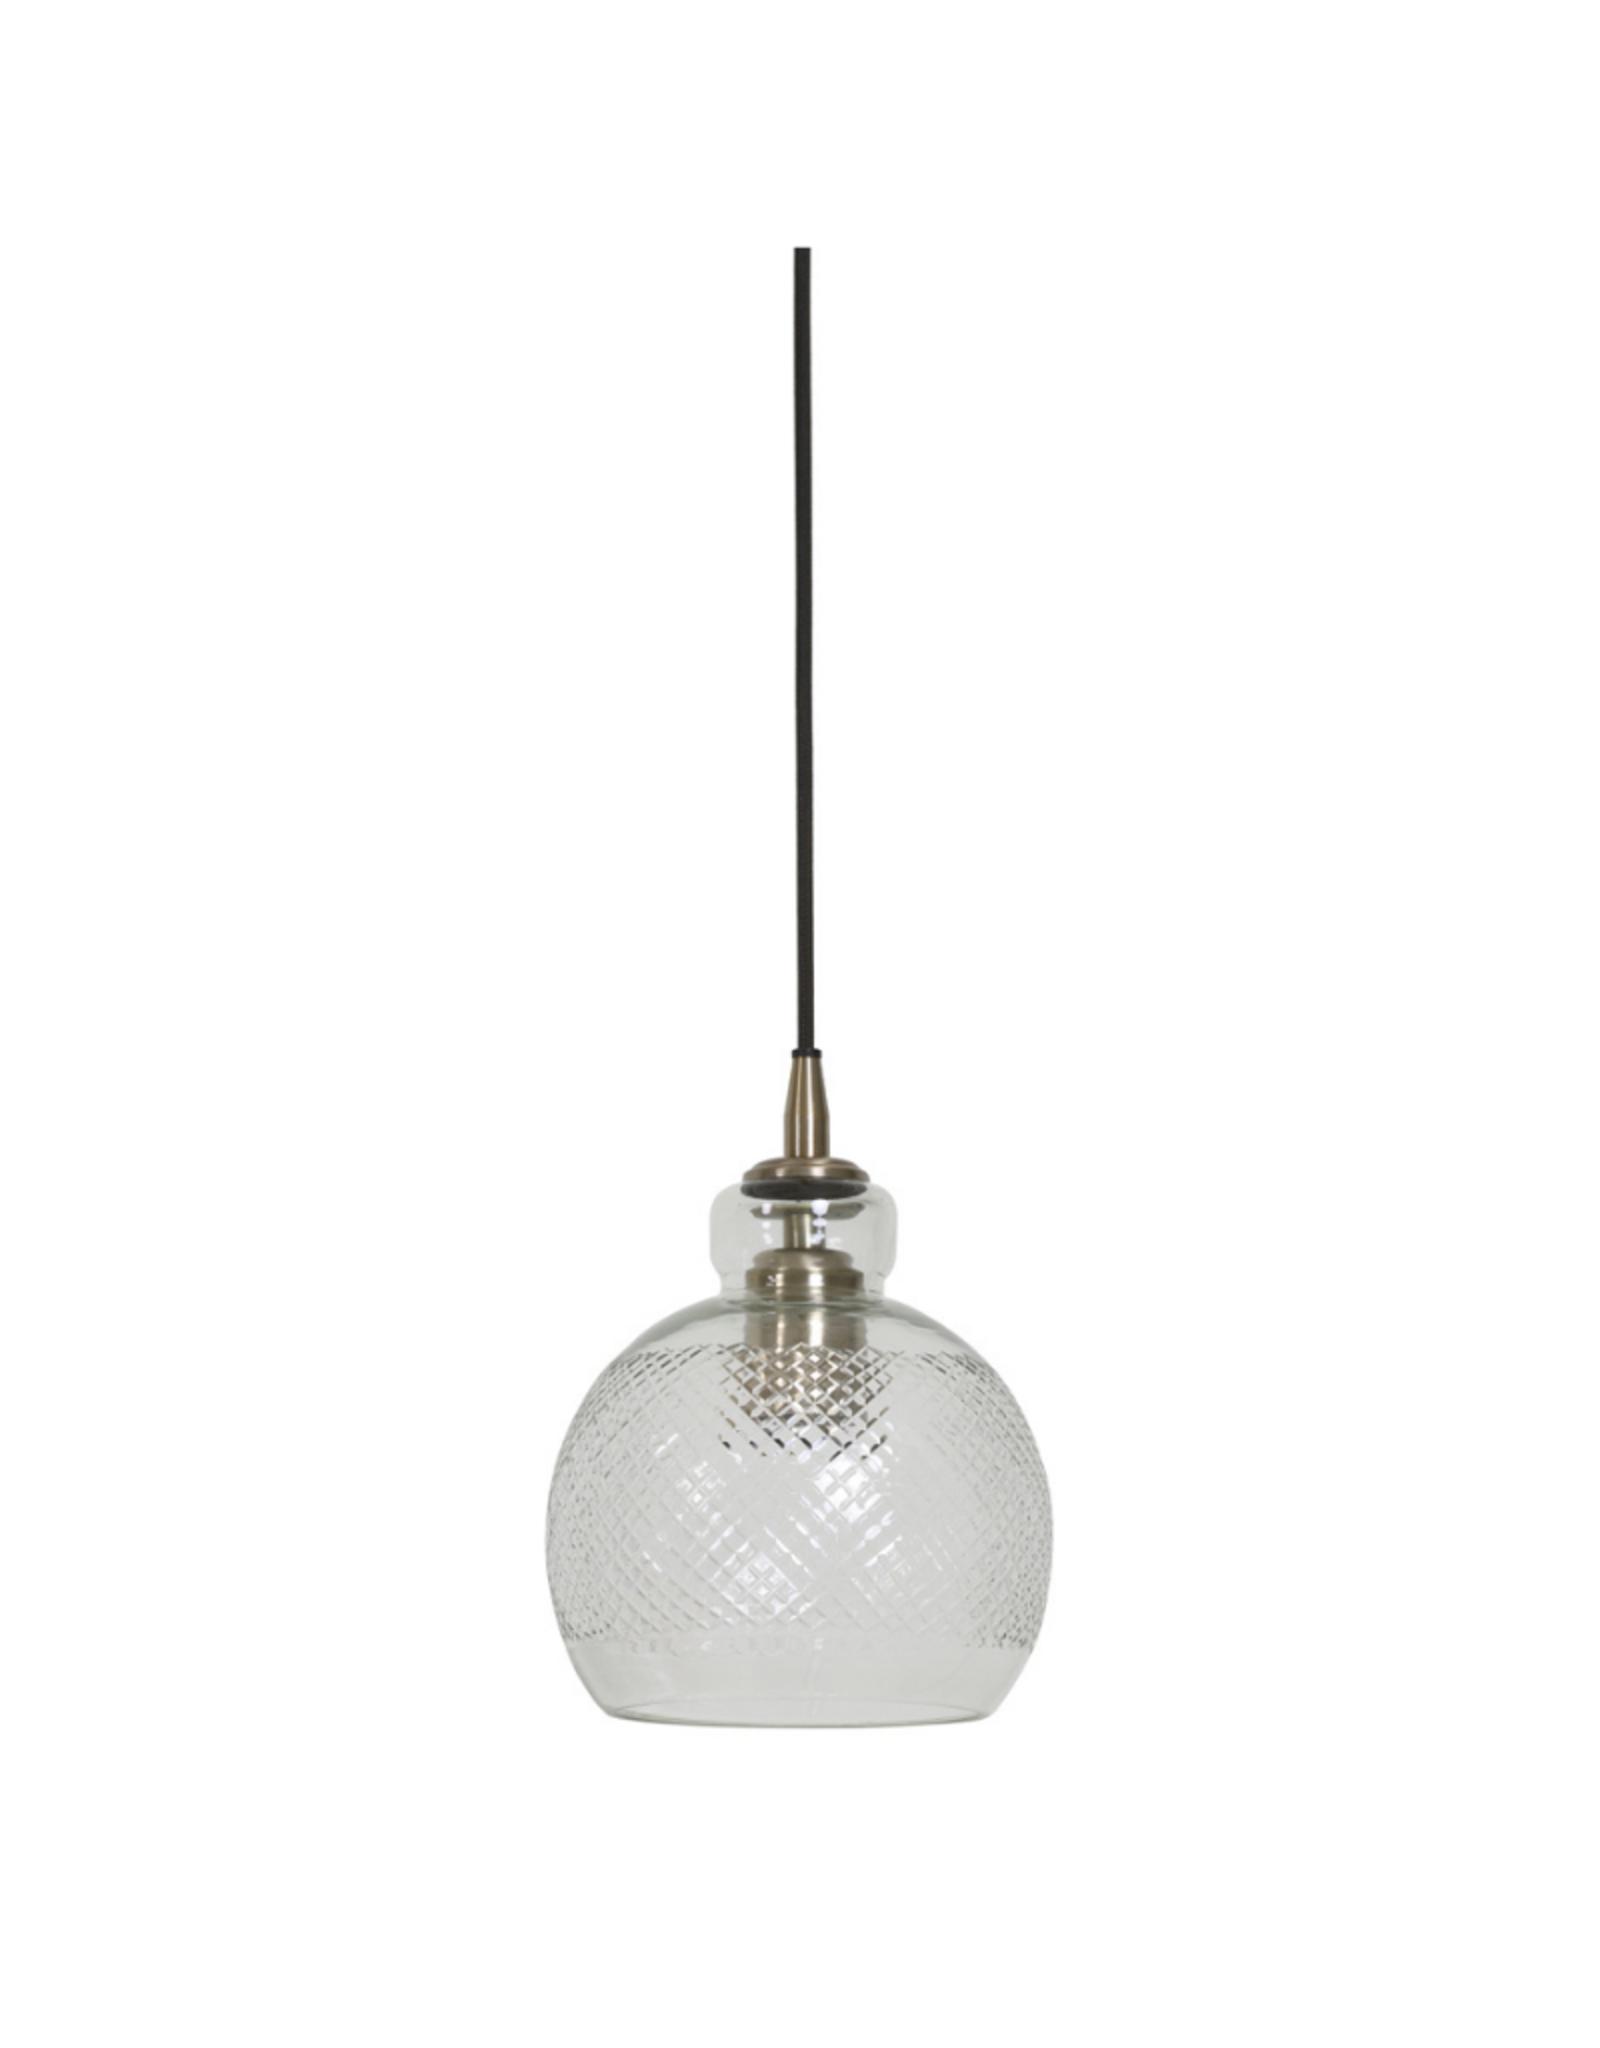 Hanglamp Bolletje